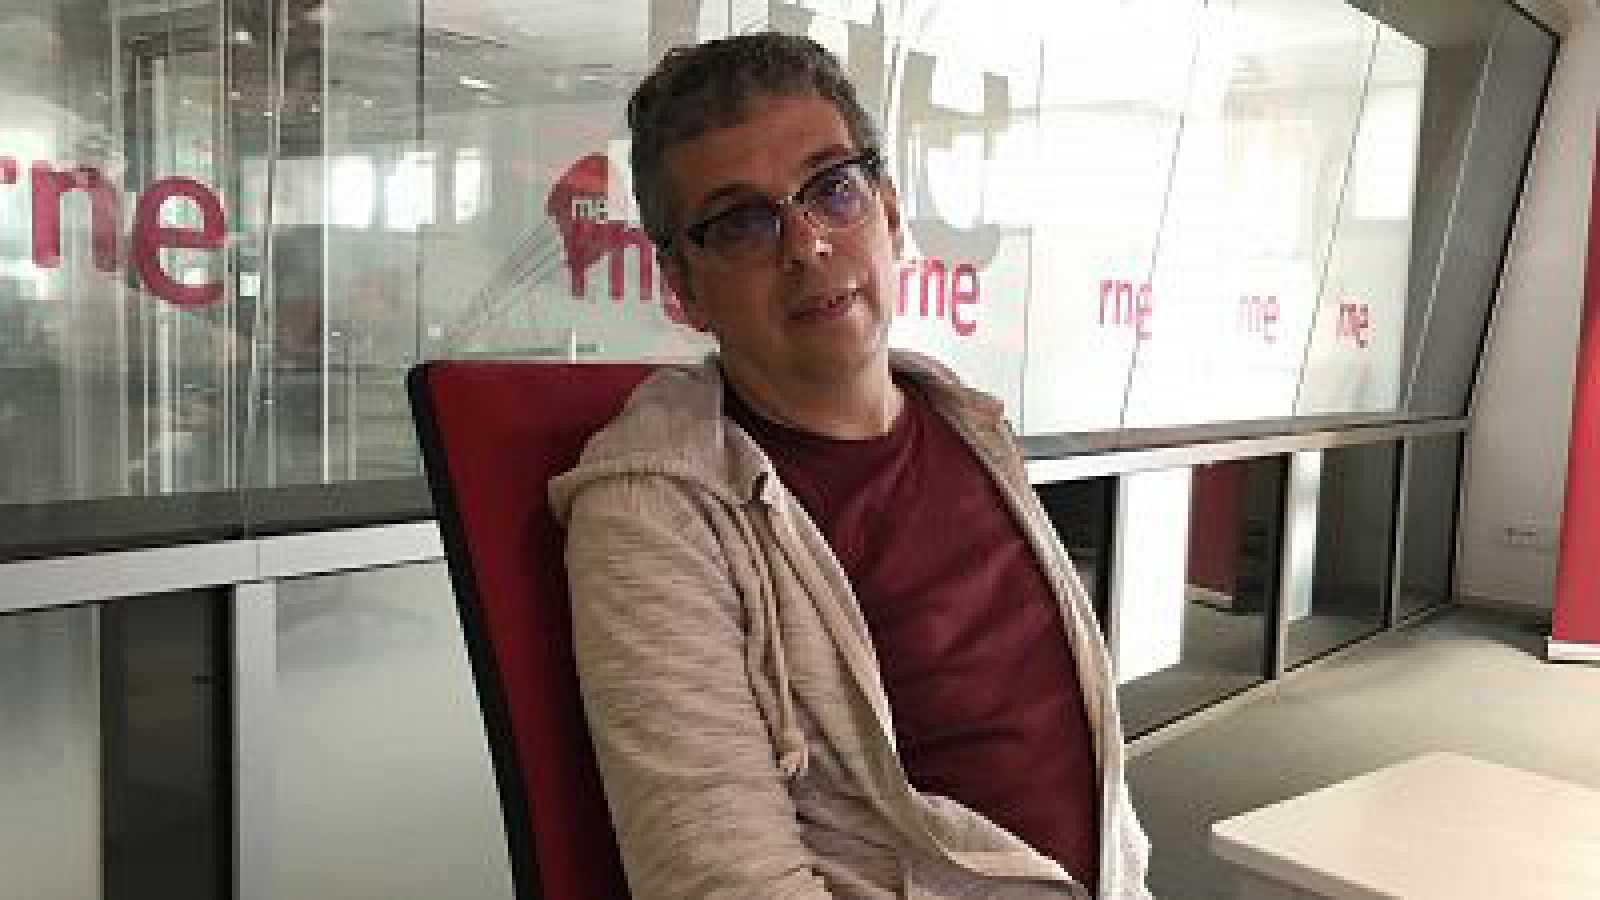 Hora América - Pedro Guerra presenta 'Ruego' y 'Alzhéimer', un adelanto de su próximo disco - 25/11/20 - escuchar ahora